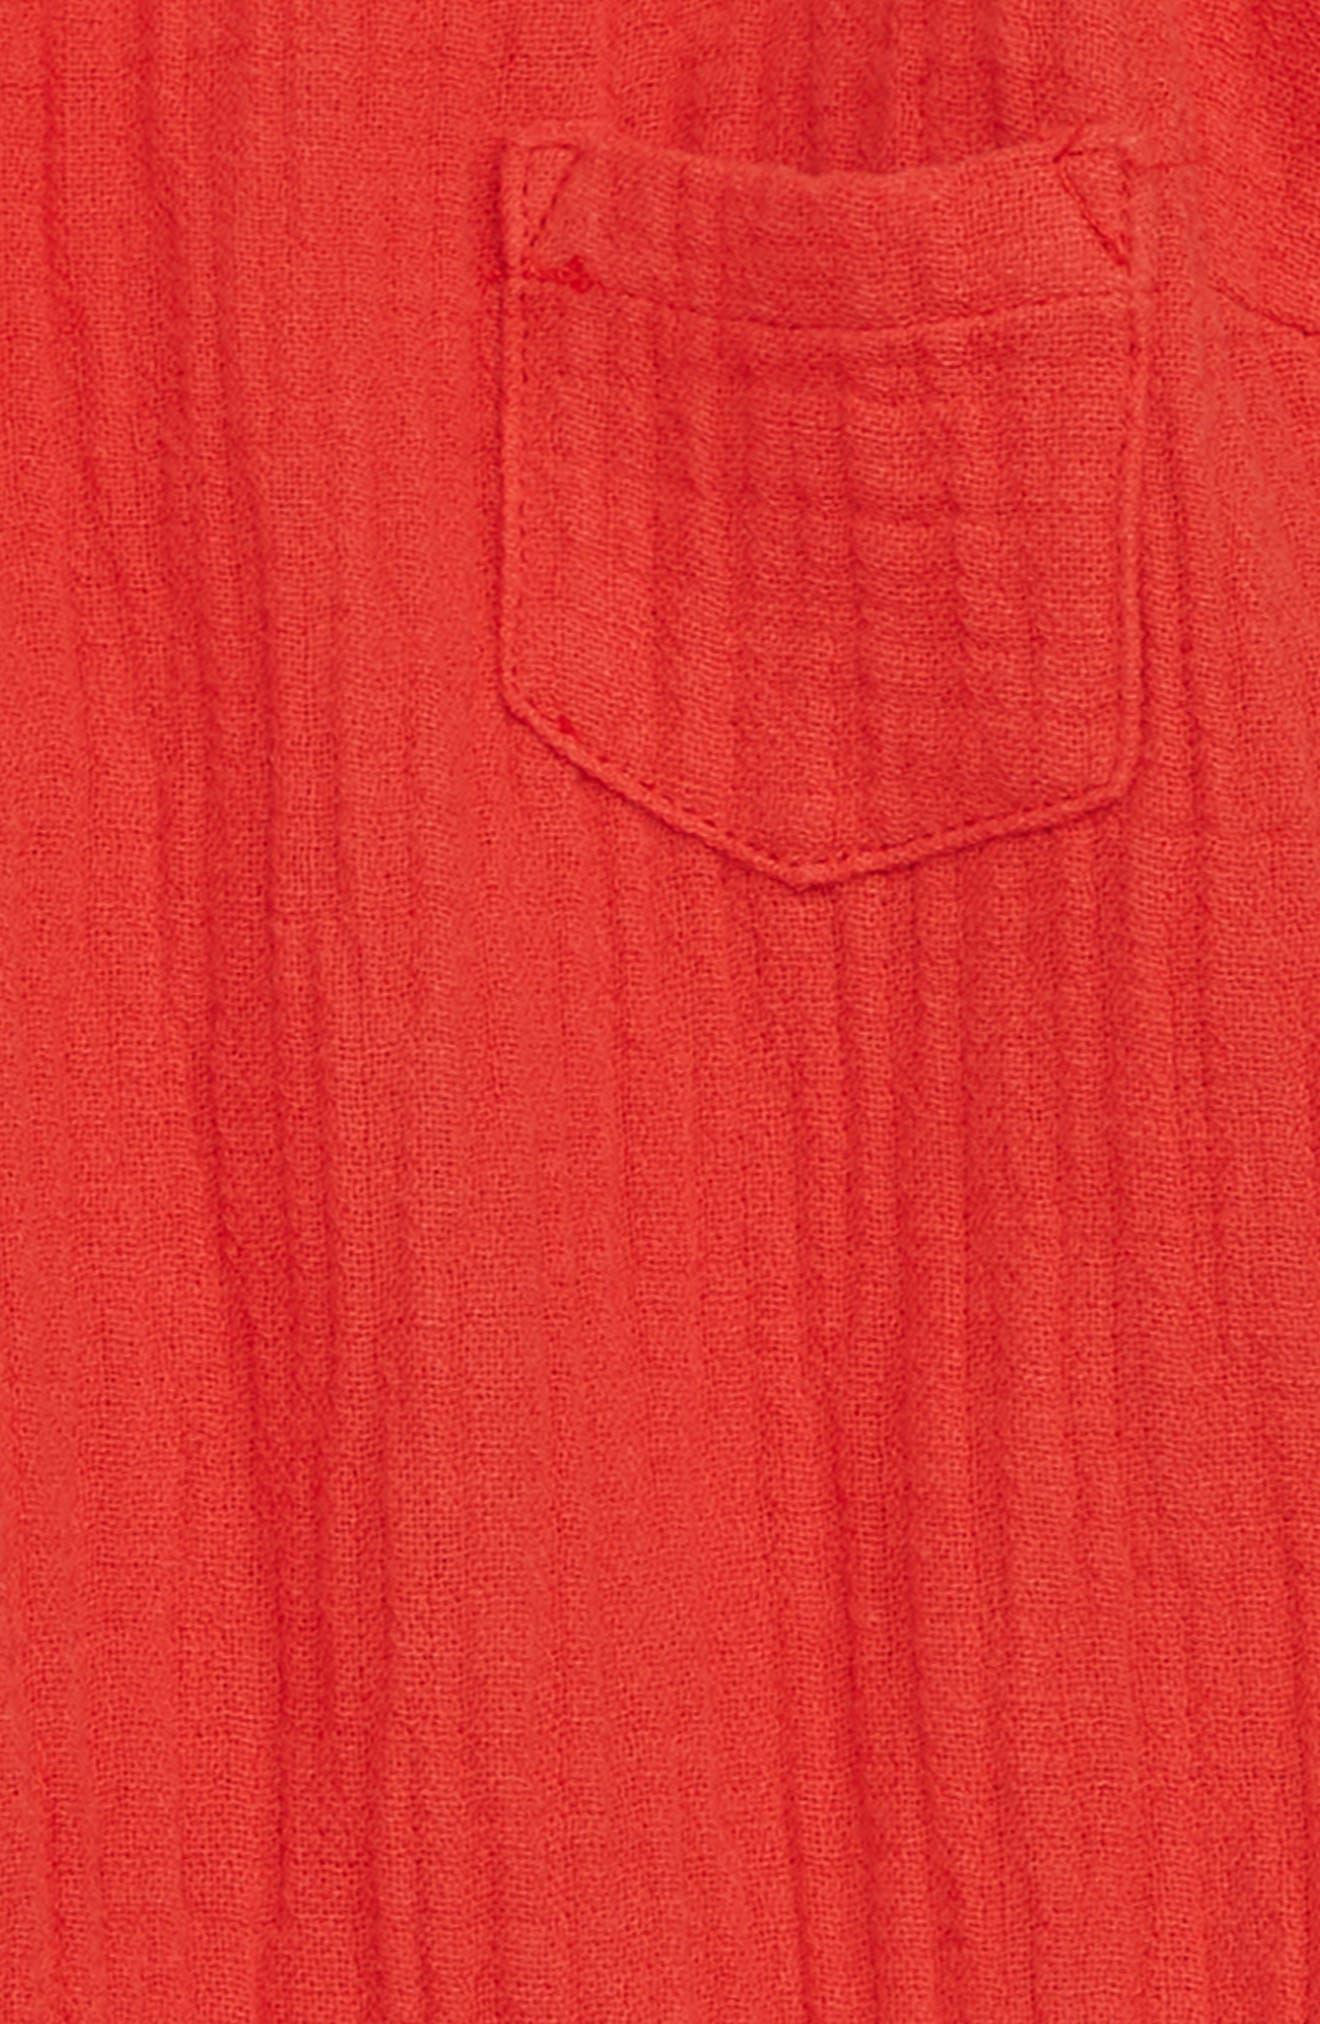 Linen Blend Romper,                             Alternate thumbnail 3, color,                             All Fired Up